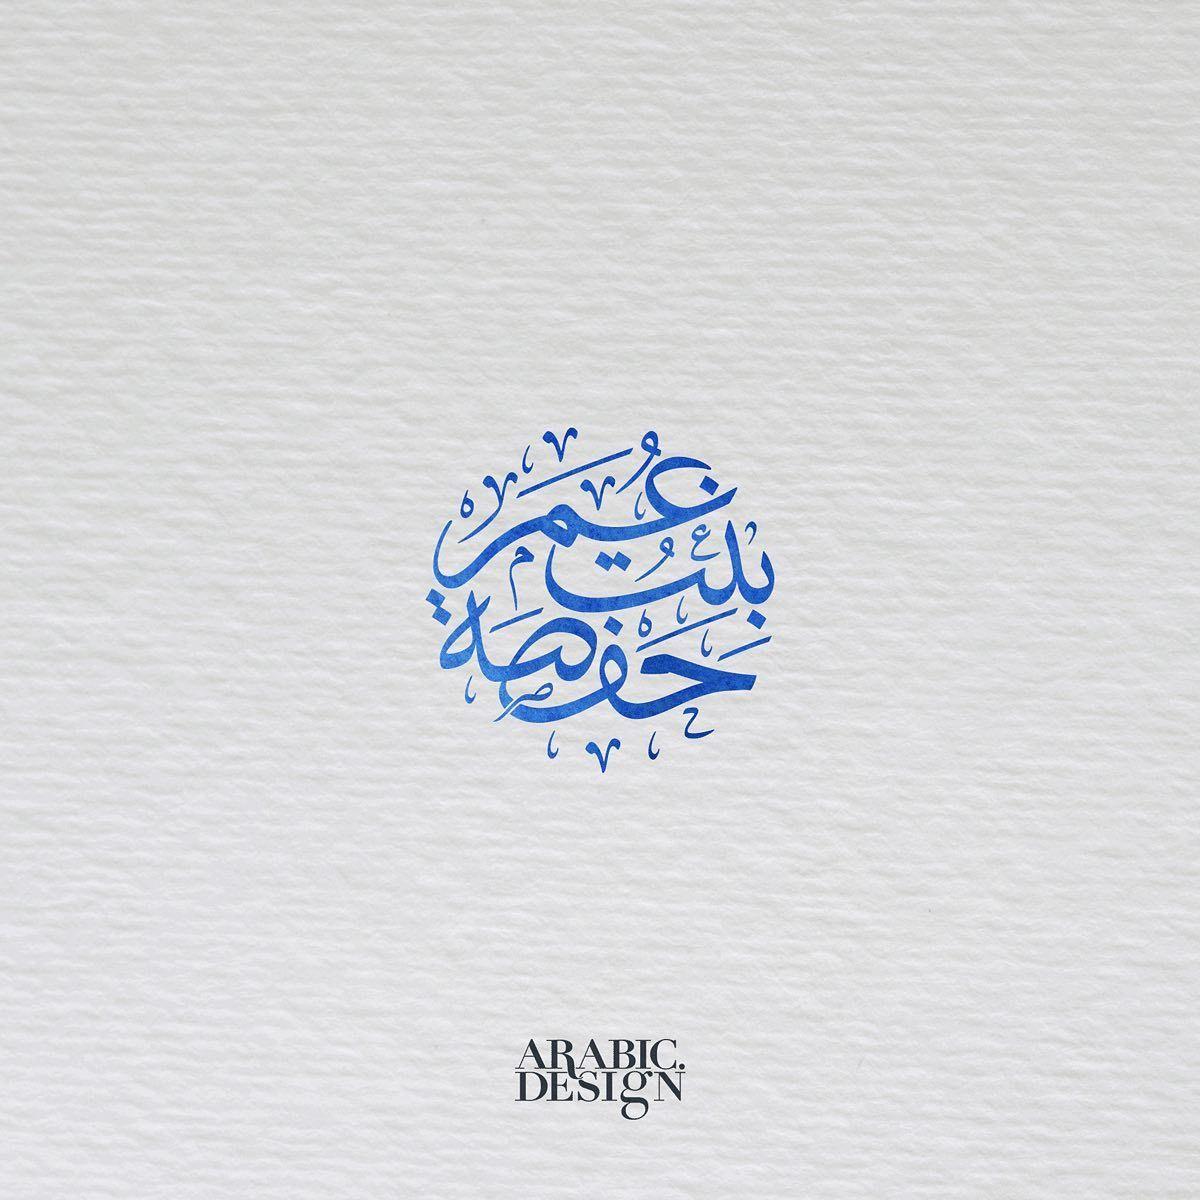 Designarabic اسم شعار حفصة بنت عمر بخط الثلث Arabicdesign Nihad Nadam Logo Typography Electronic Products Design